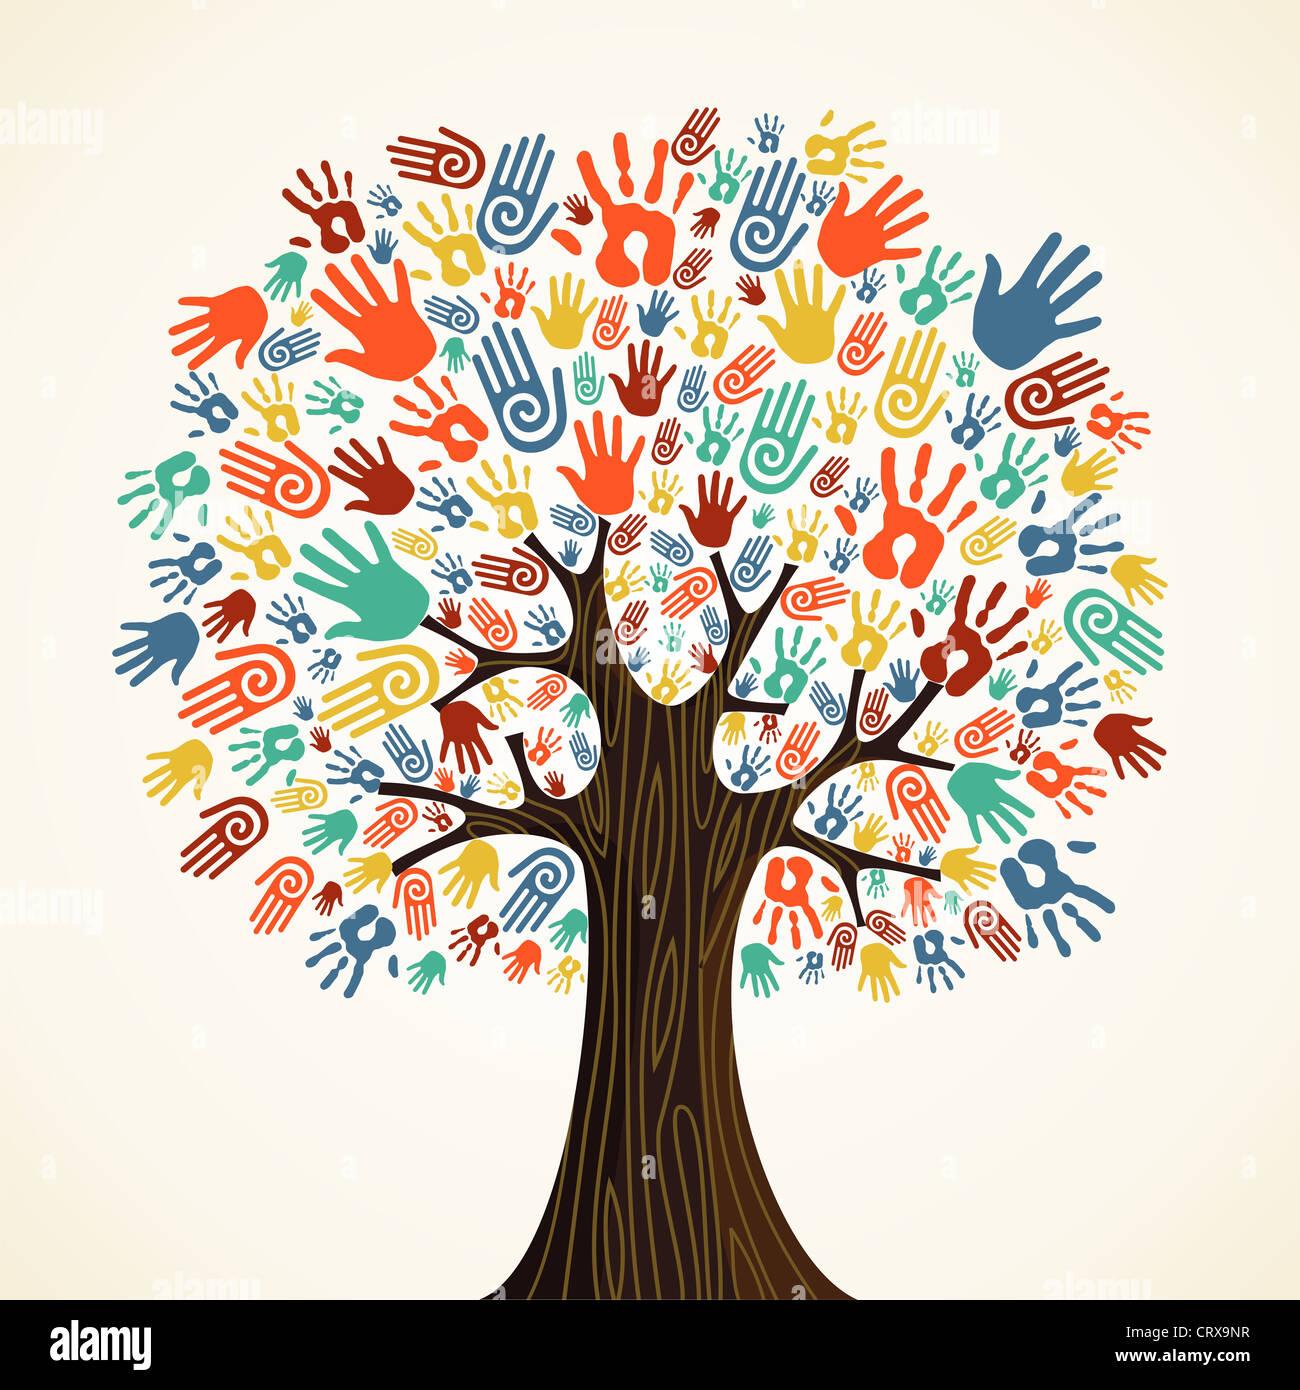 Isolierte Vielfalt Baum Hände Abbildung. Vektor-Datei geschichtet für einfache Handhabung und individuelle Stockbild